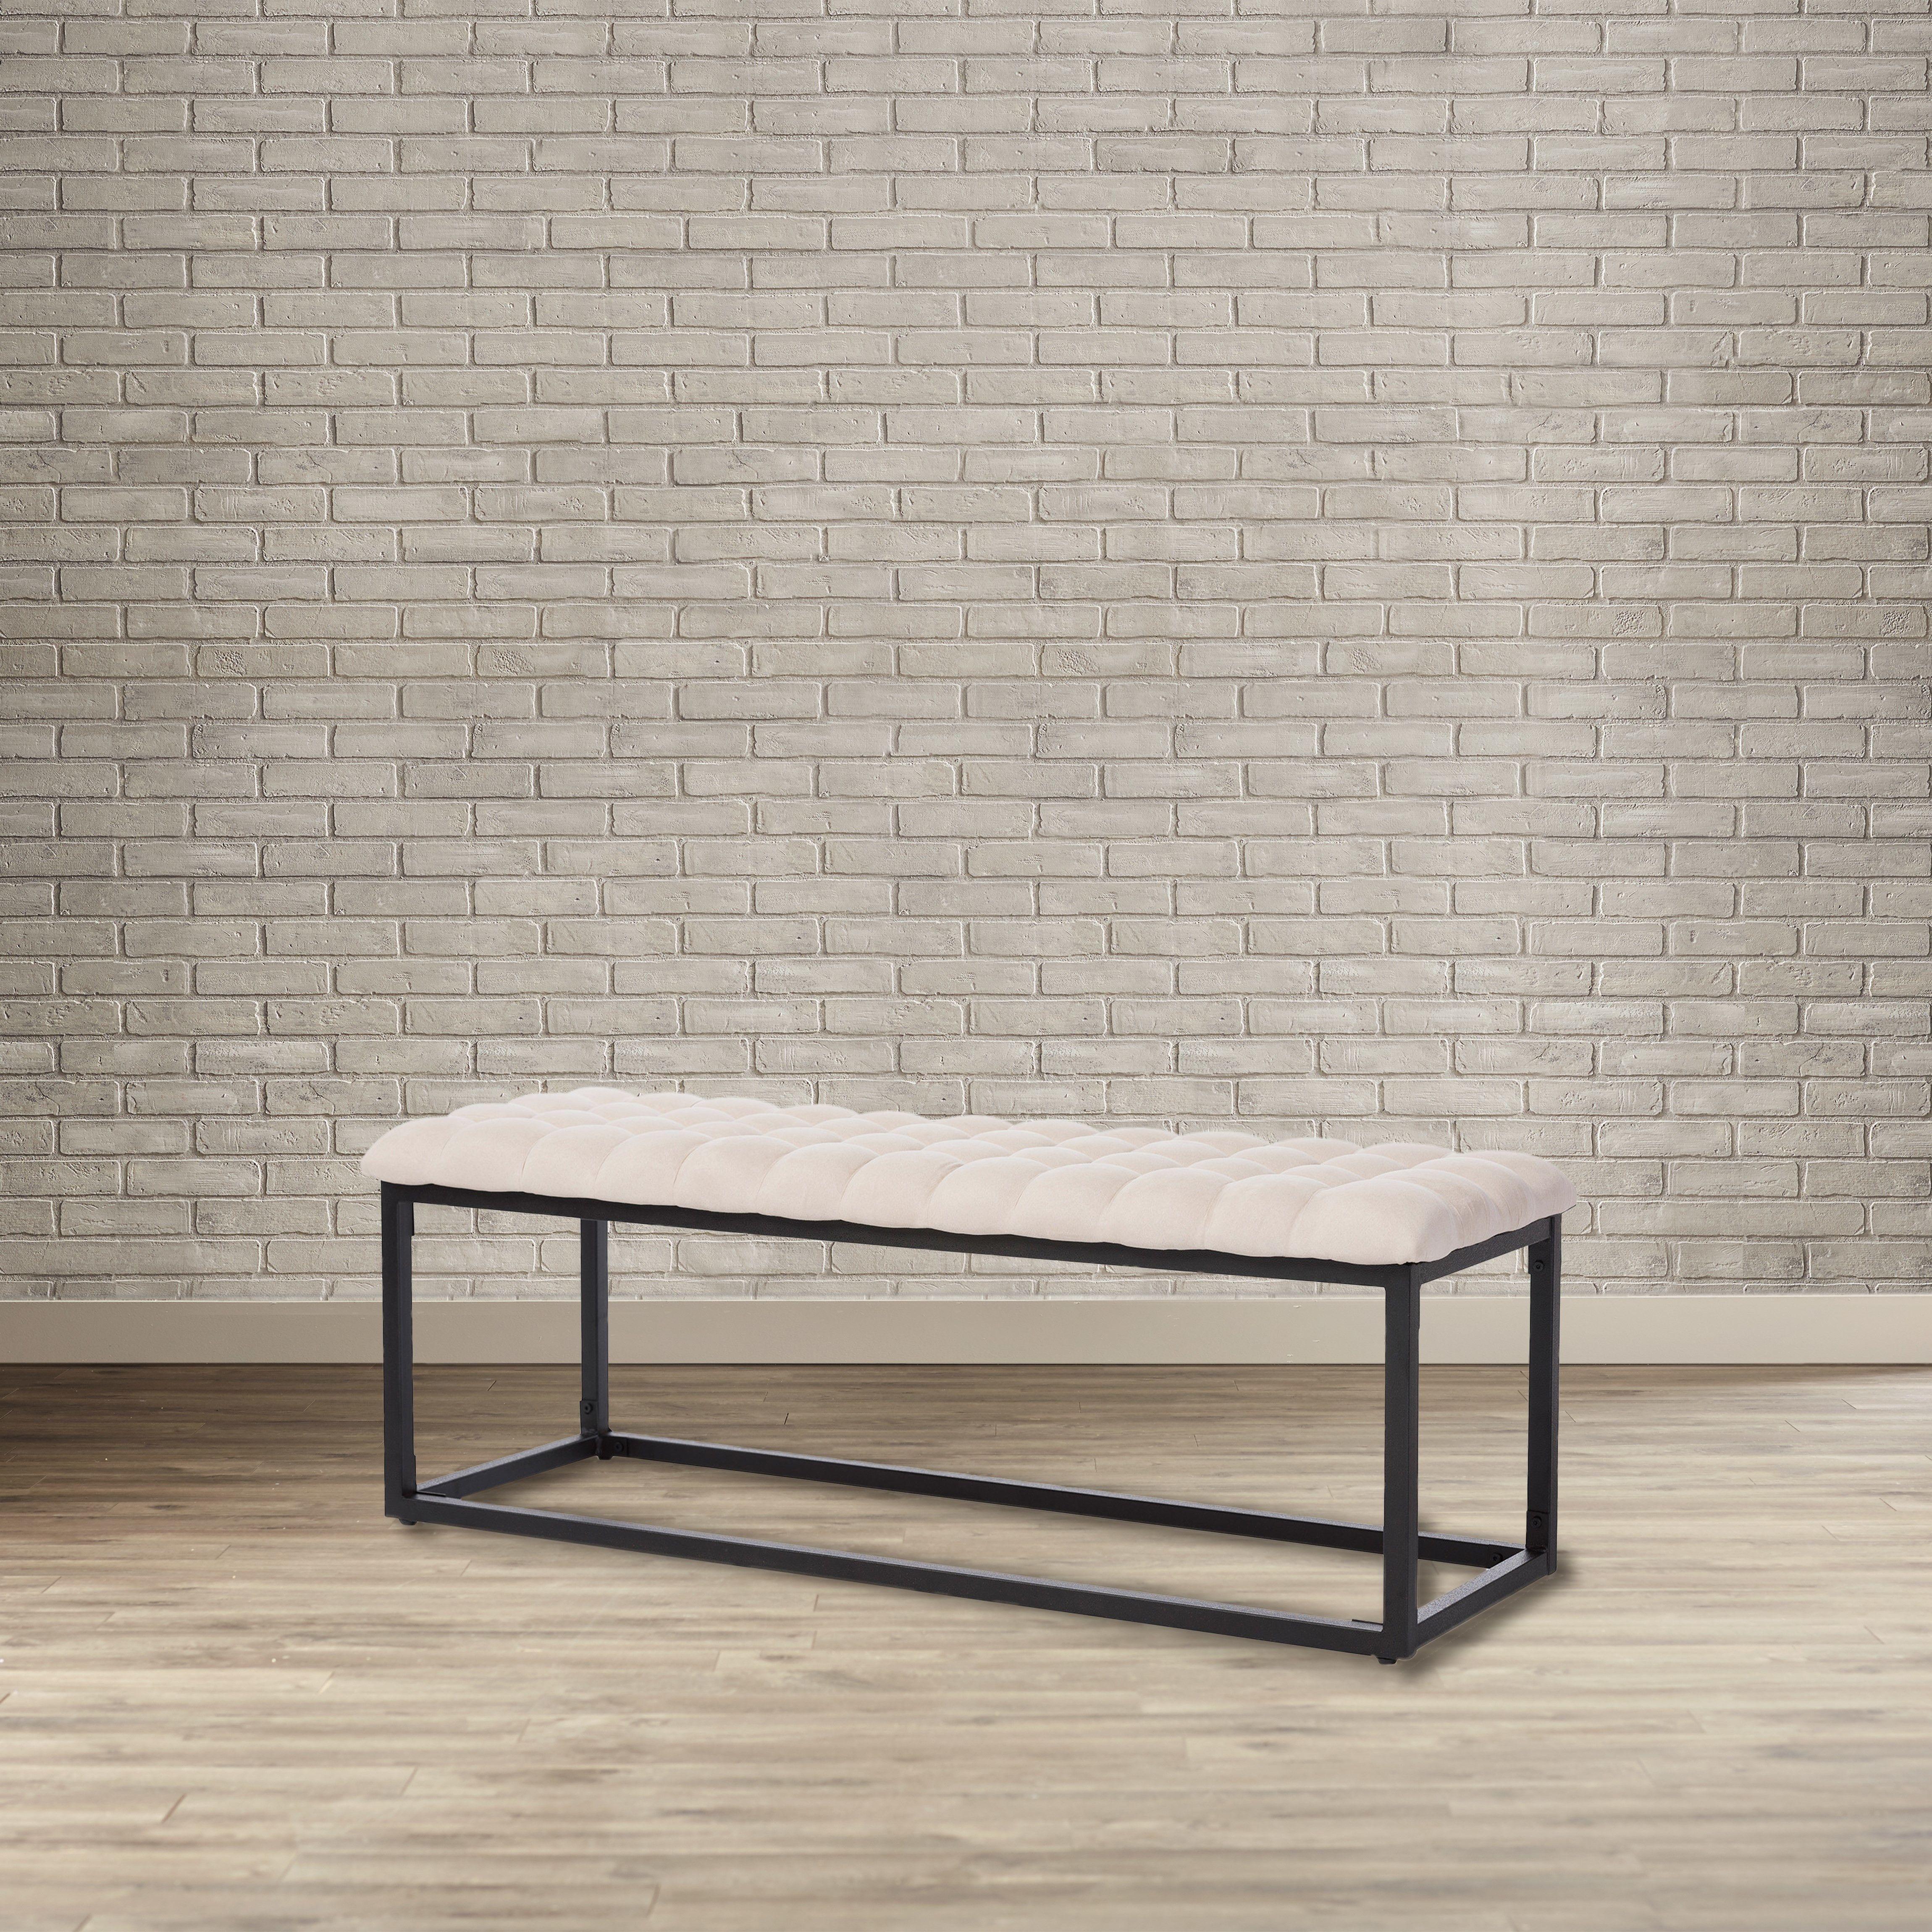 Metal Bedroom Bench - Home Design